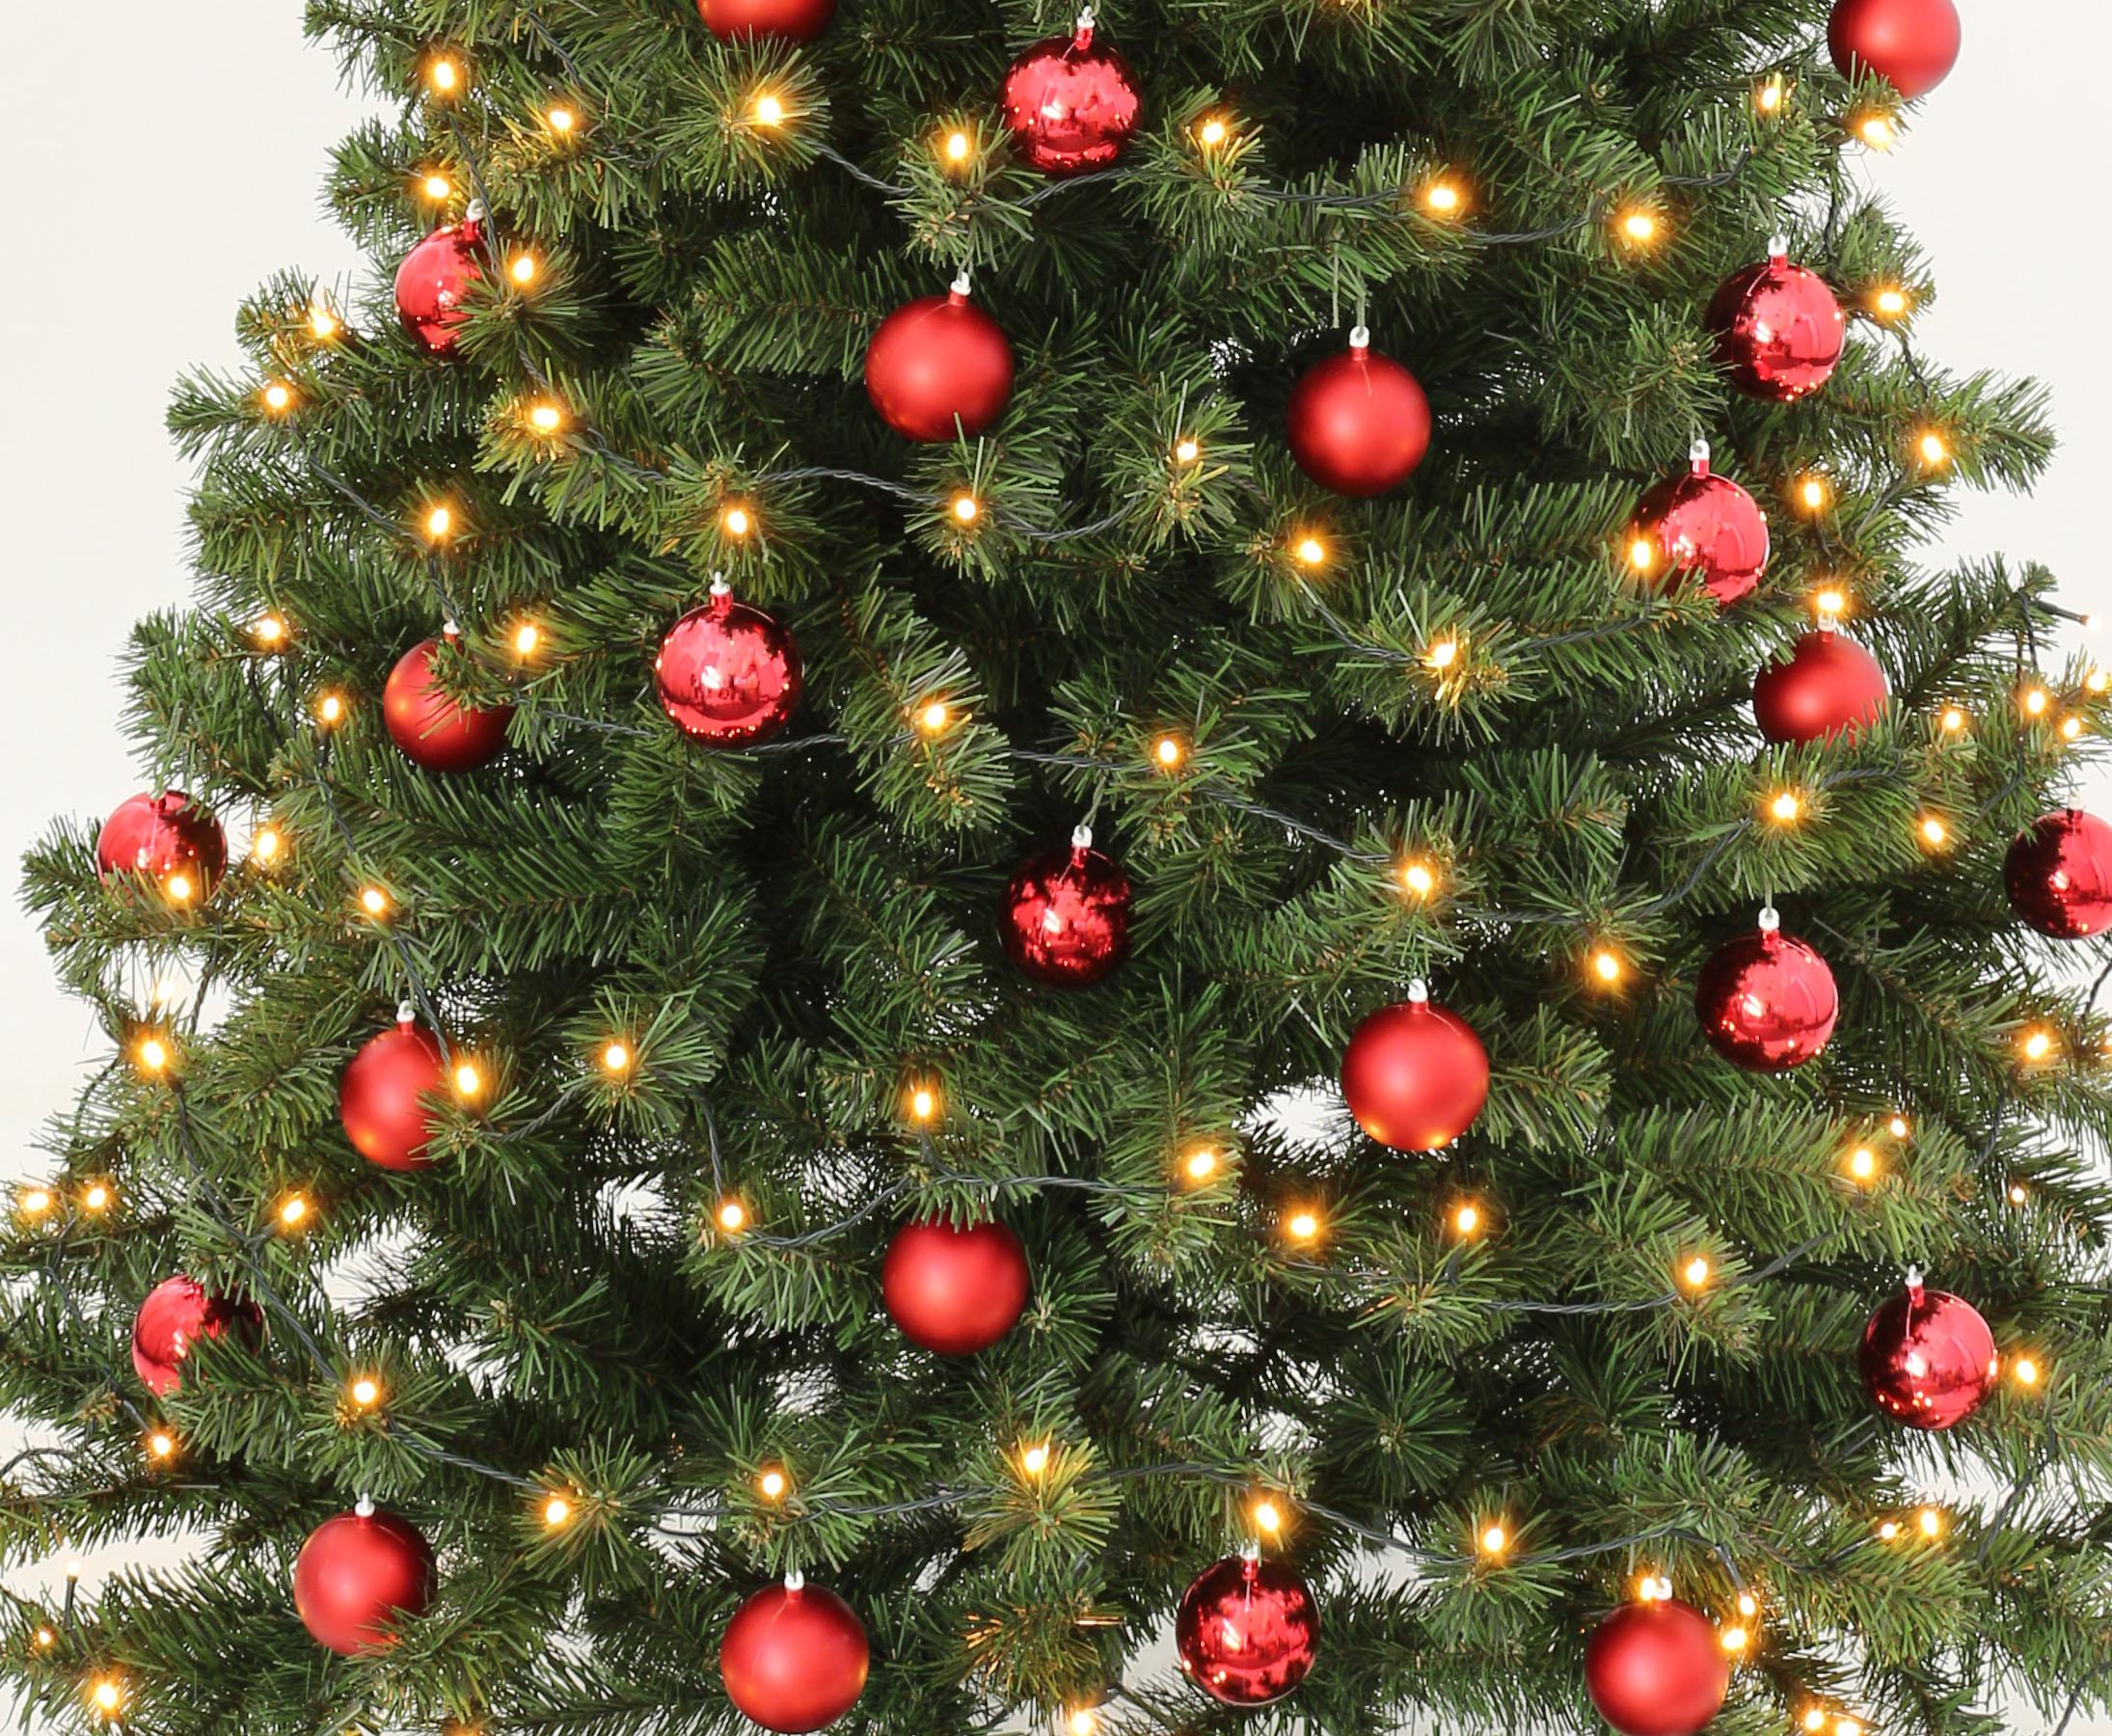 Durchmesser Weihnachtsbaum.Tannenbaum Schwer Entflammbar Mit Roten Kugeln Und Beleuchtung Höhe 180cm